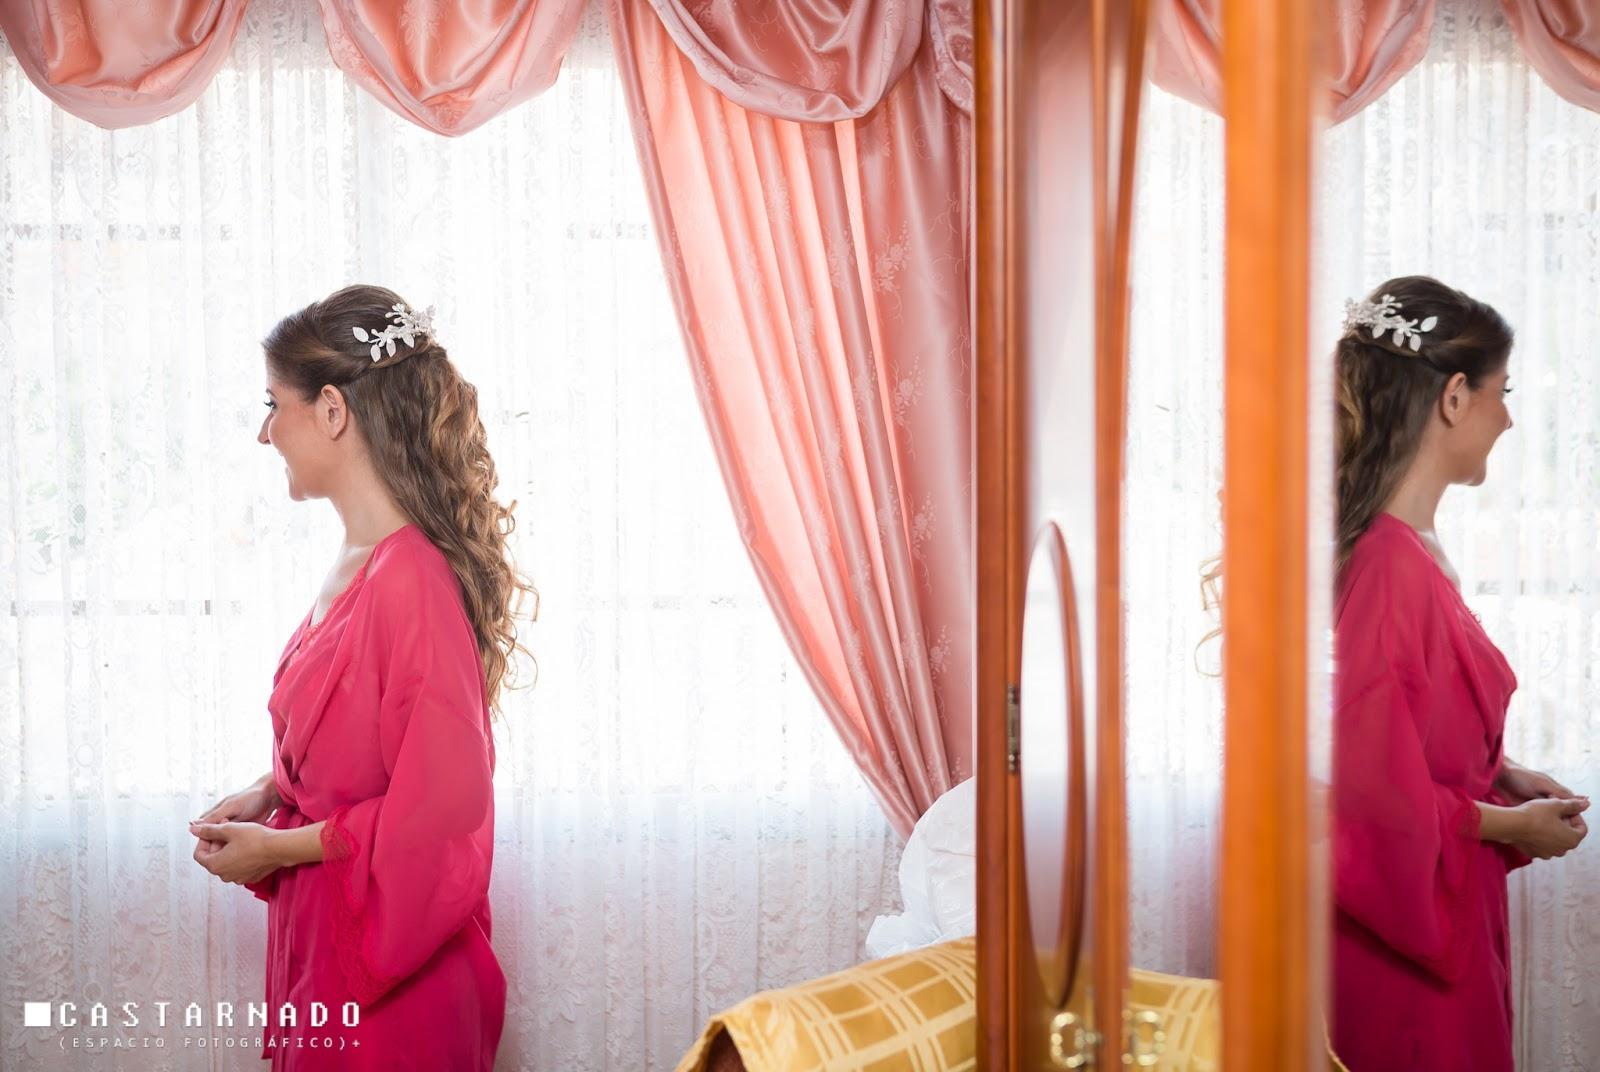 Bodas y mil cositas: La boda de Julián & Mayte. El look de la novia ...